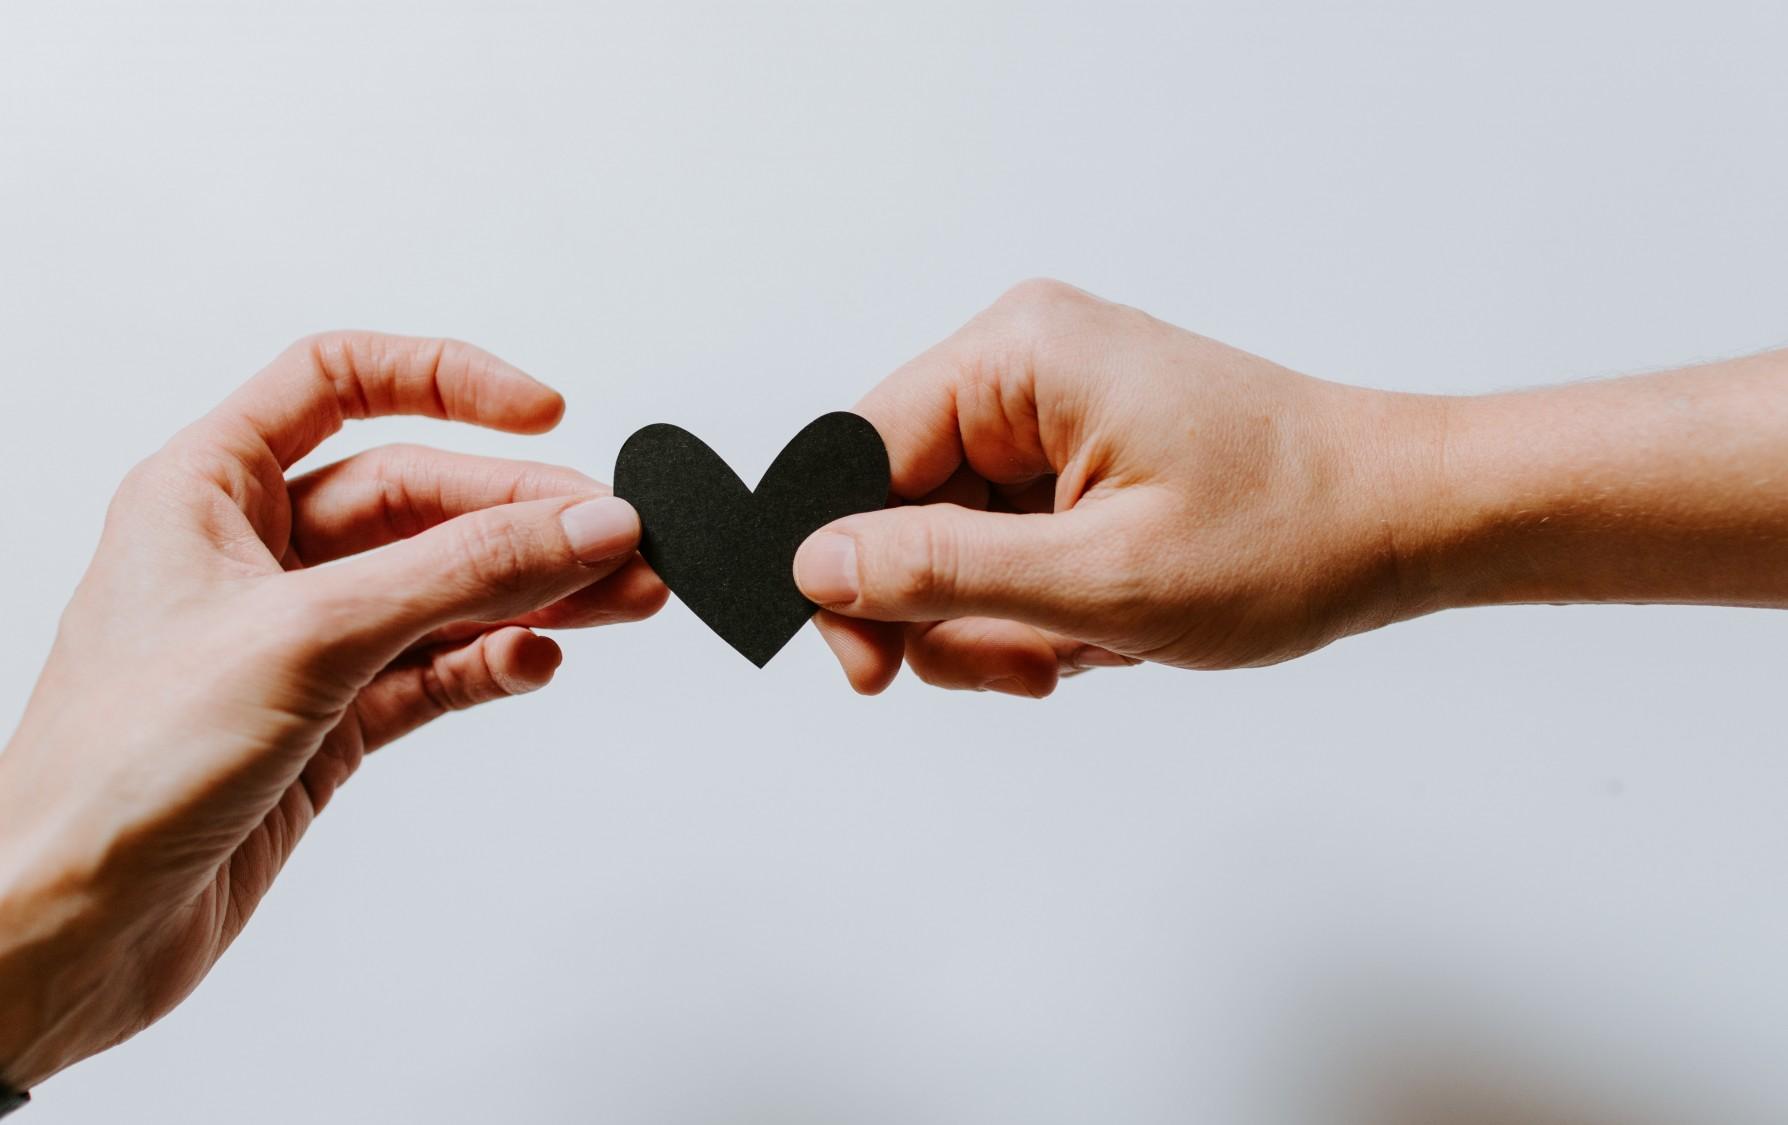 Kaksi kättä ja musta sydän